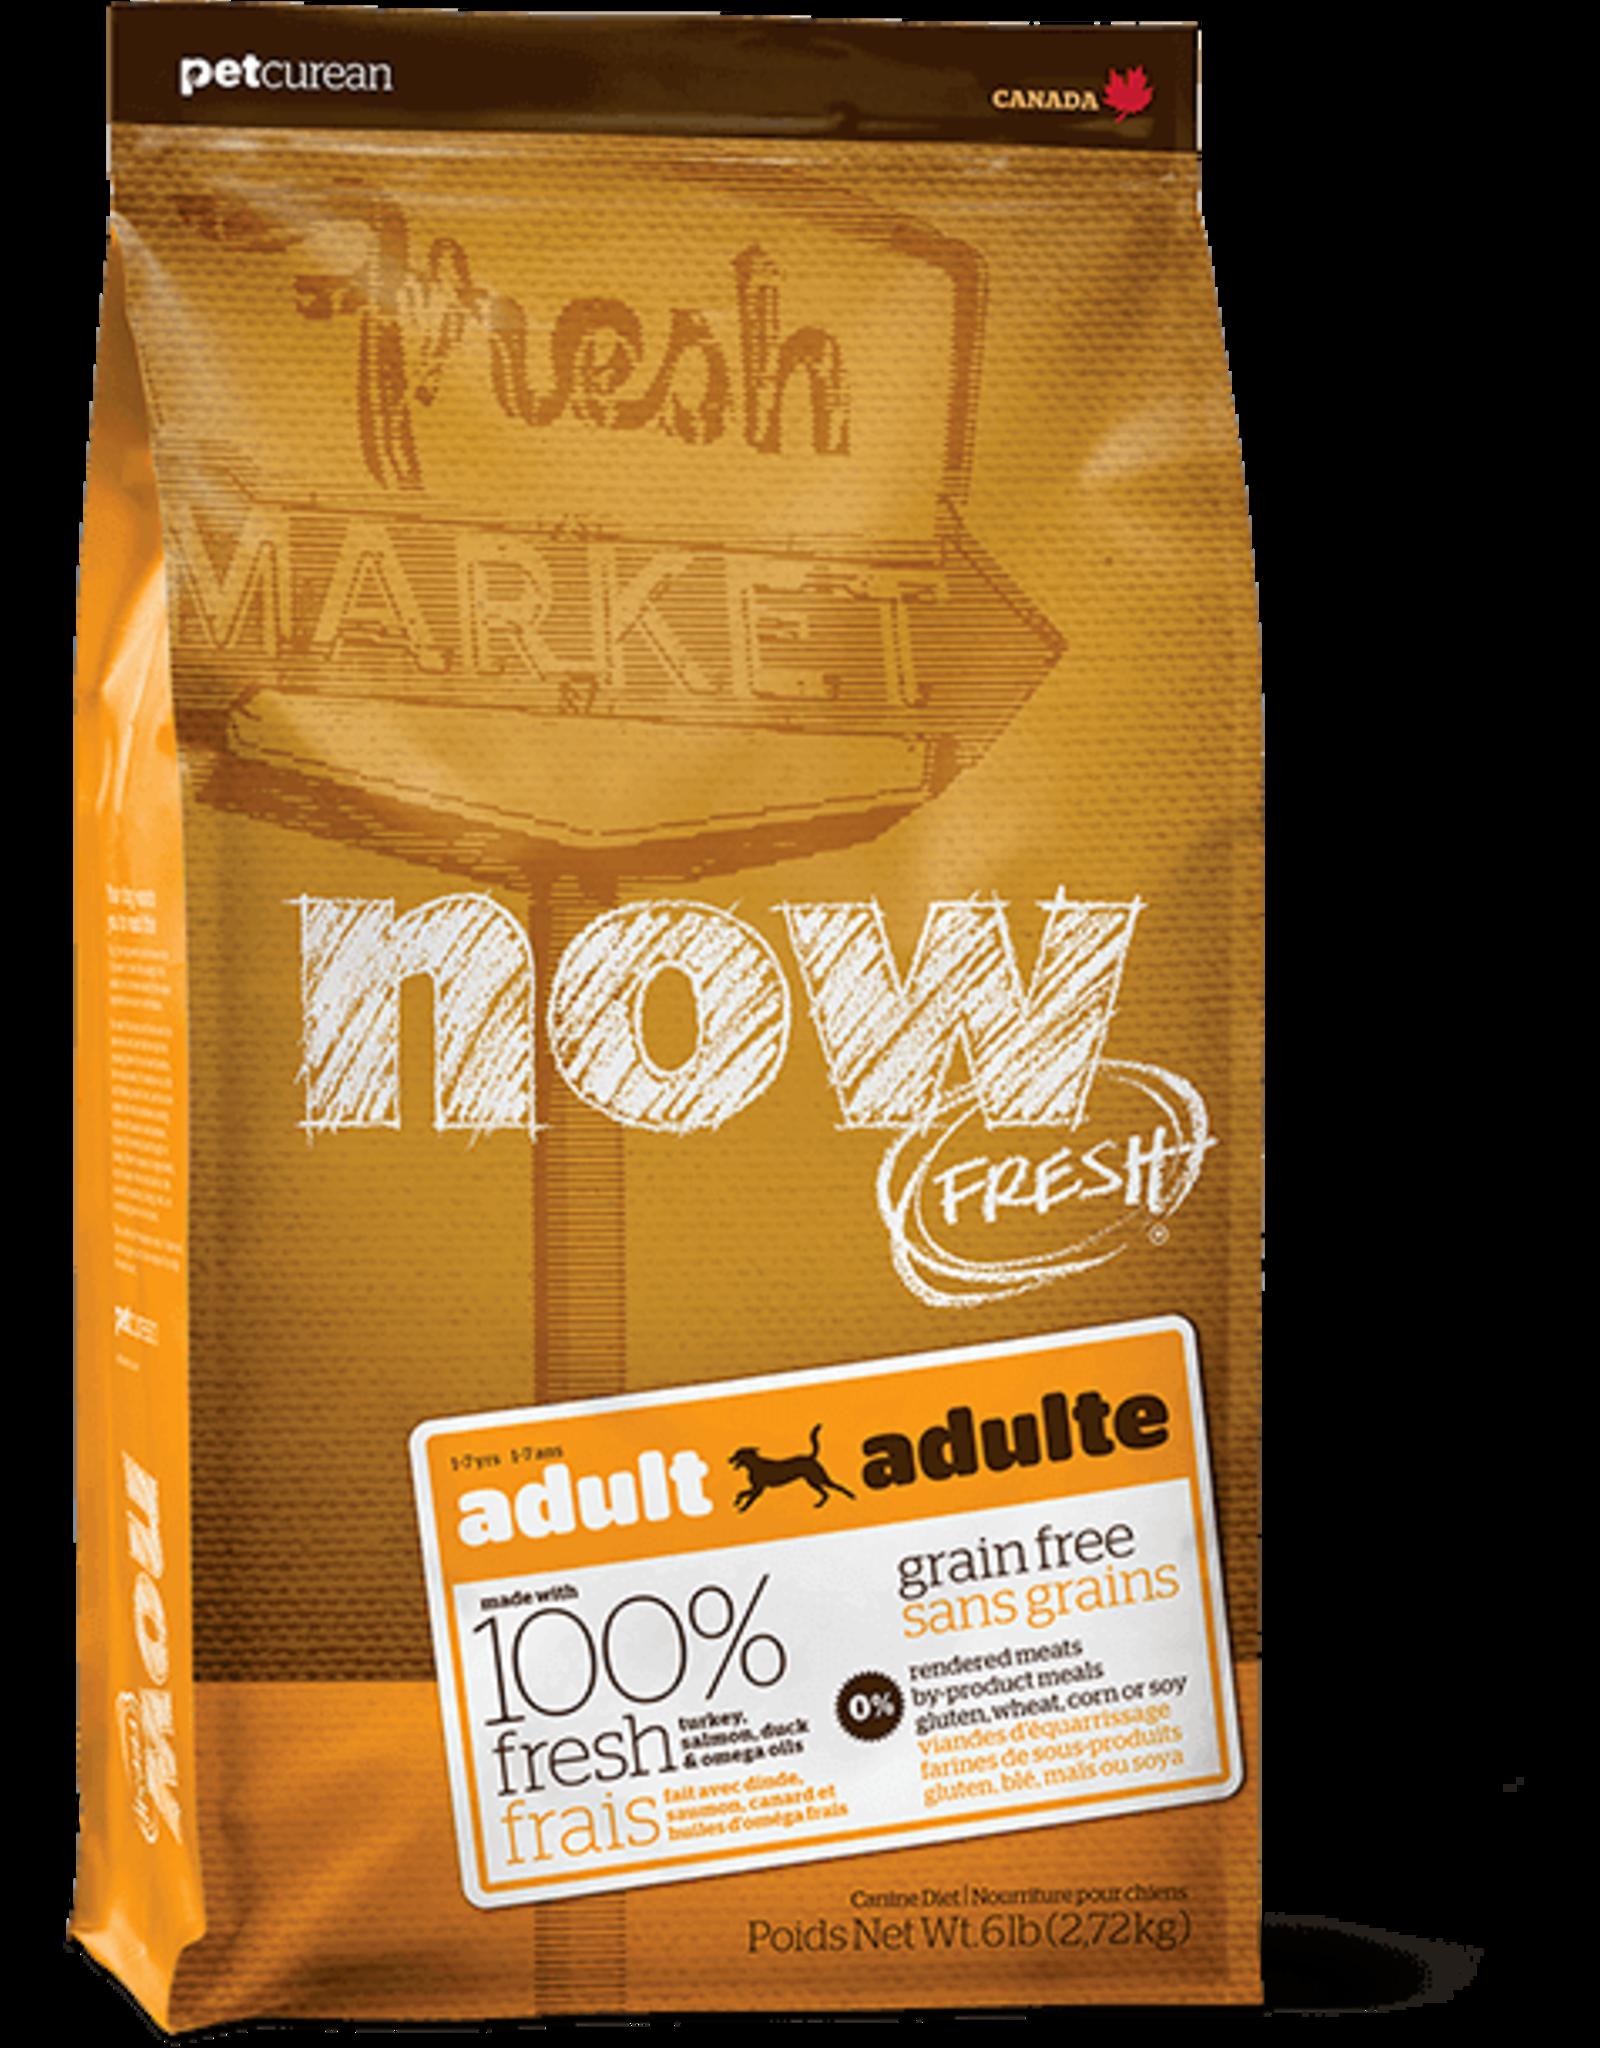 Petcurean Petcurean NOW Dry Dog Food